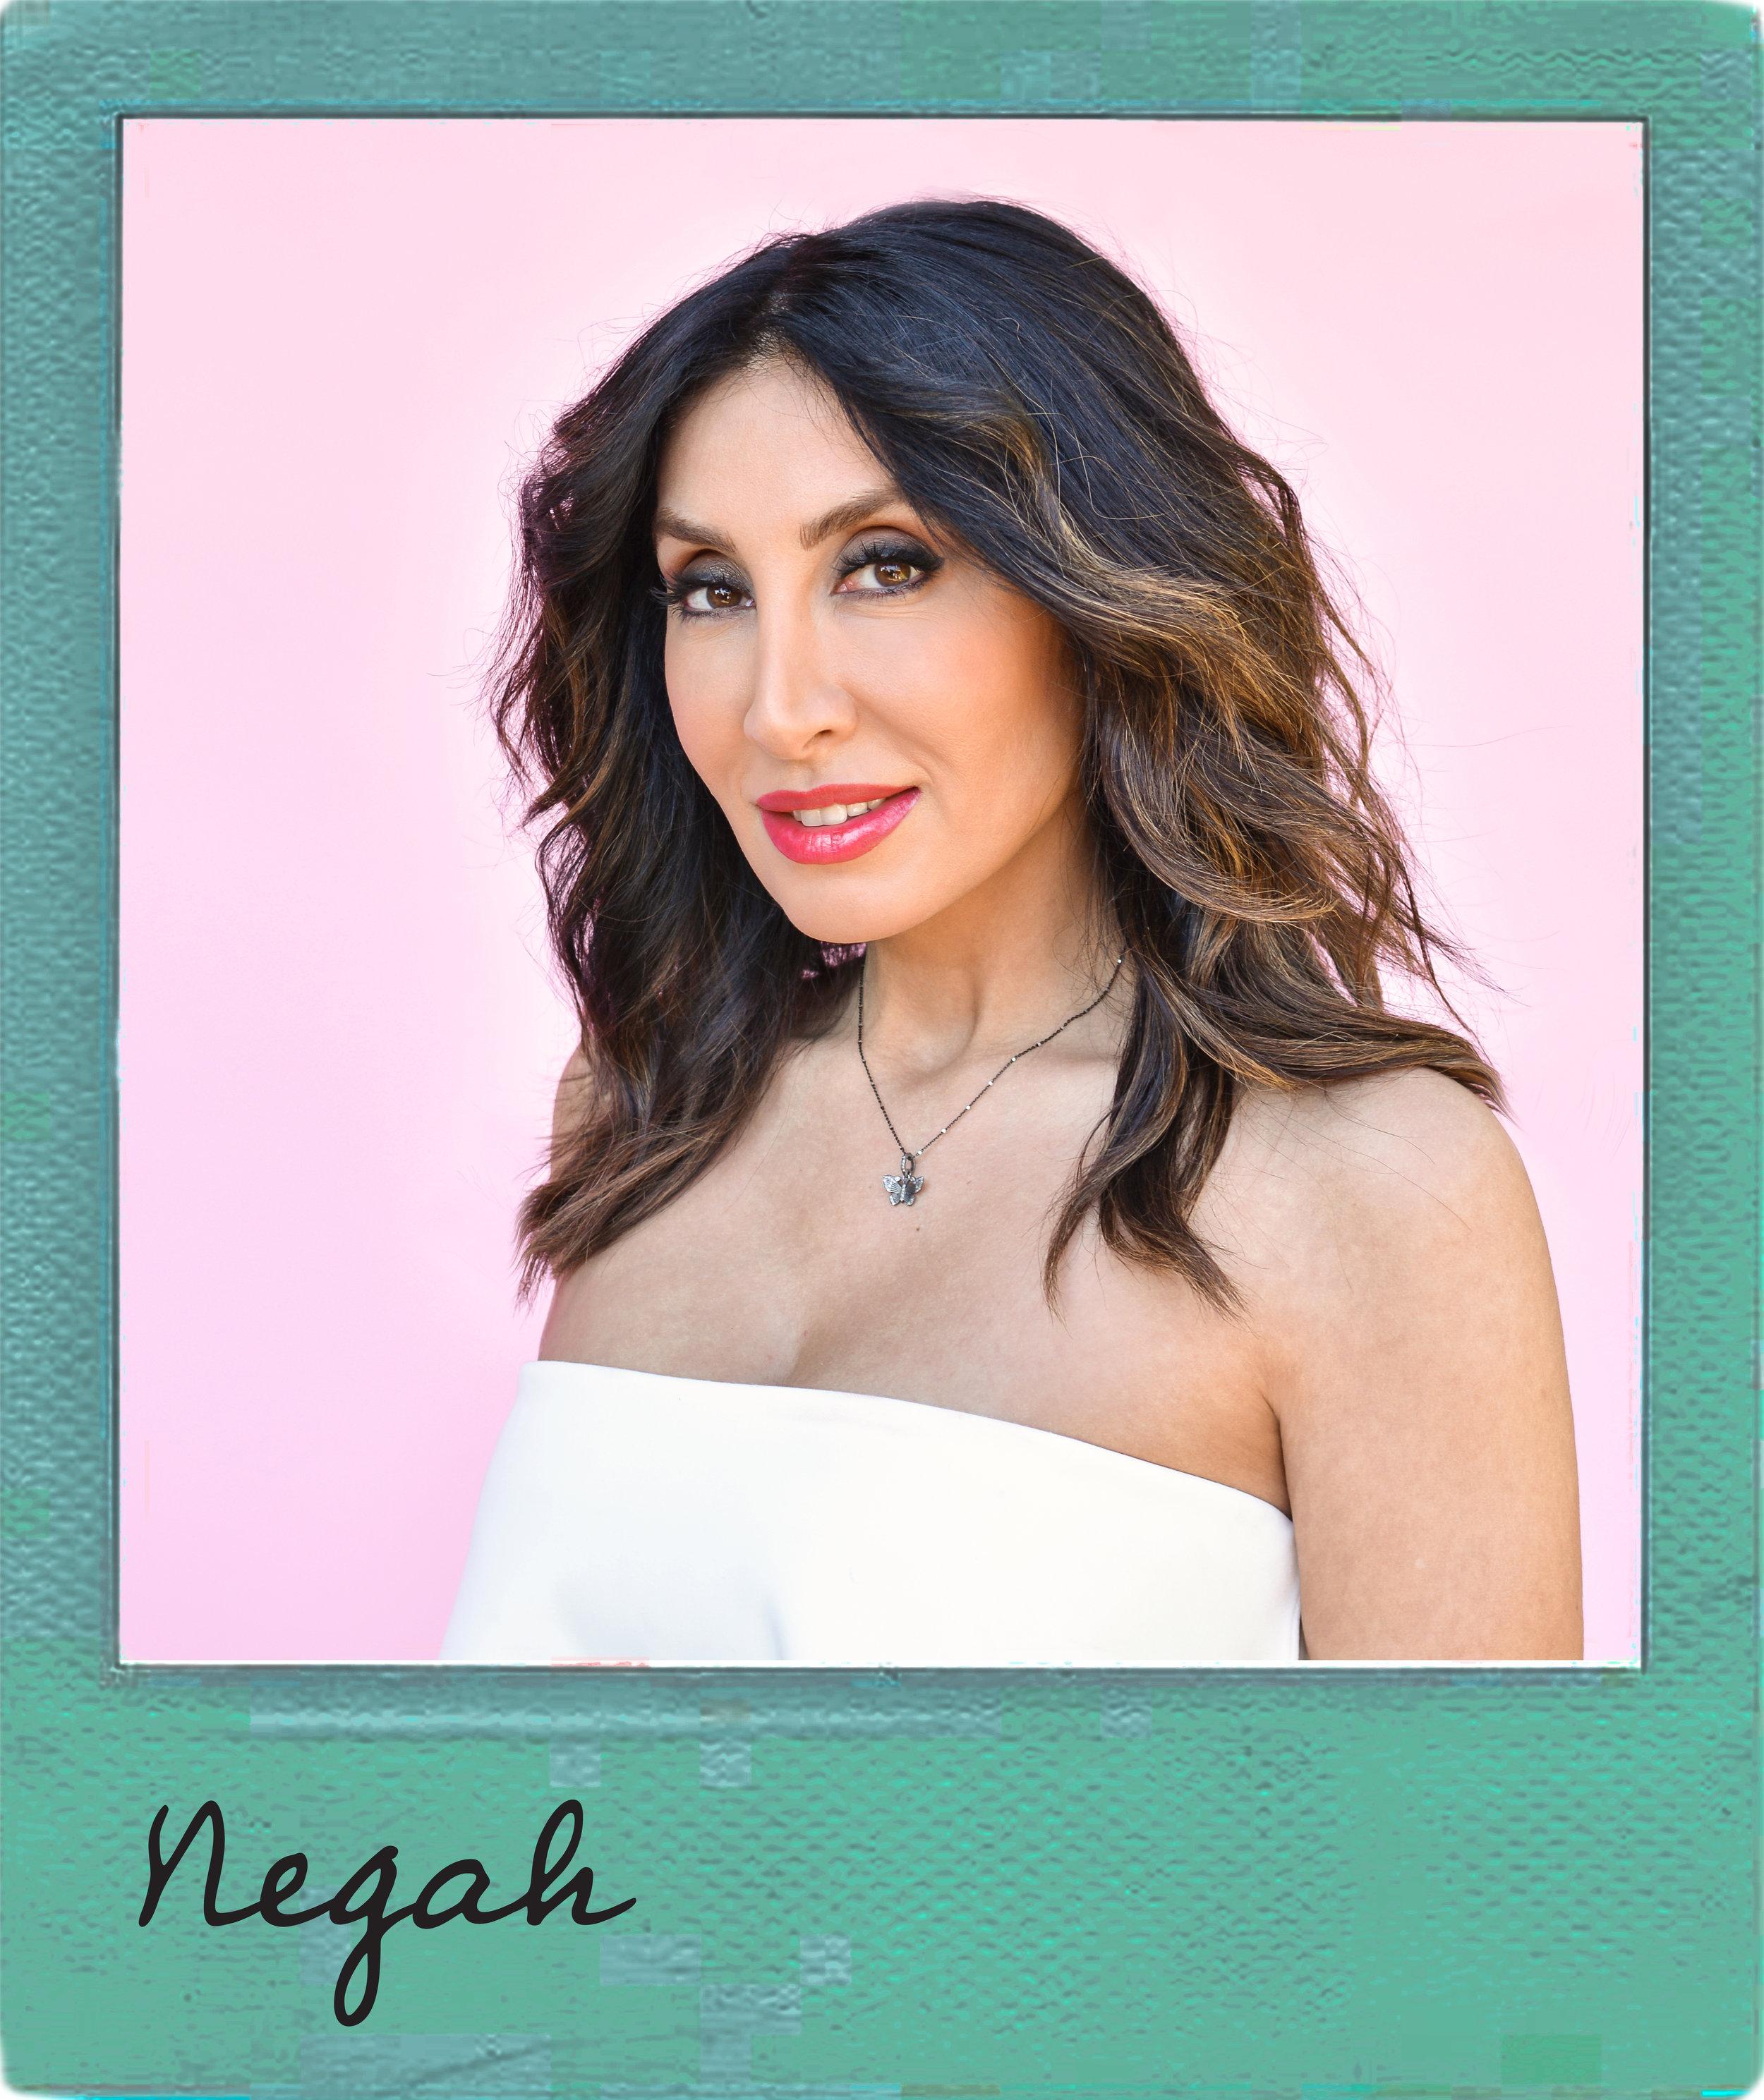 Negah_Polaroid.jpg